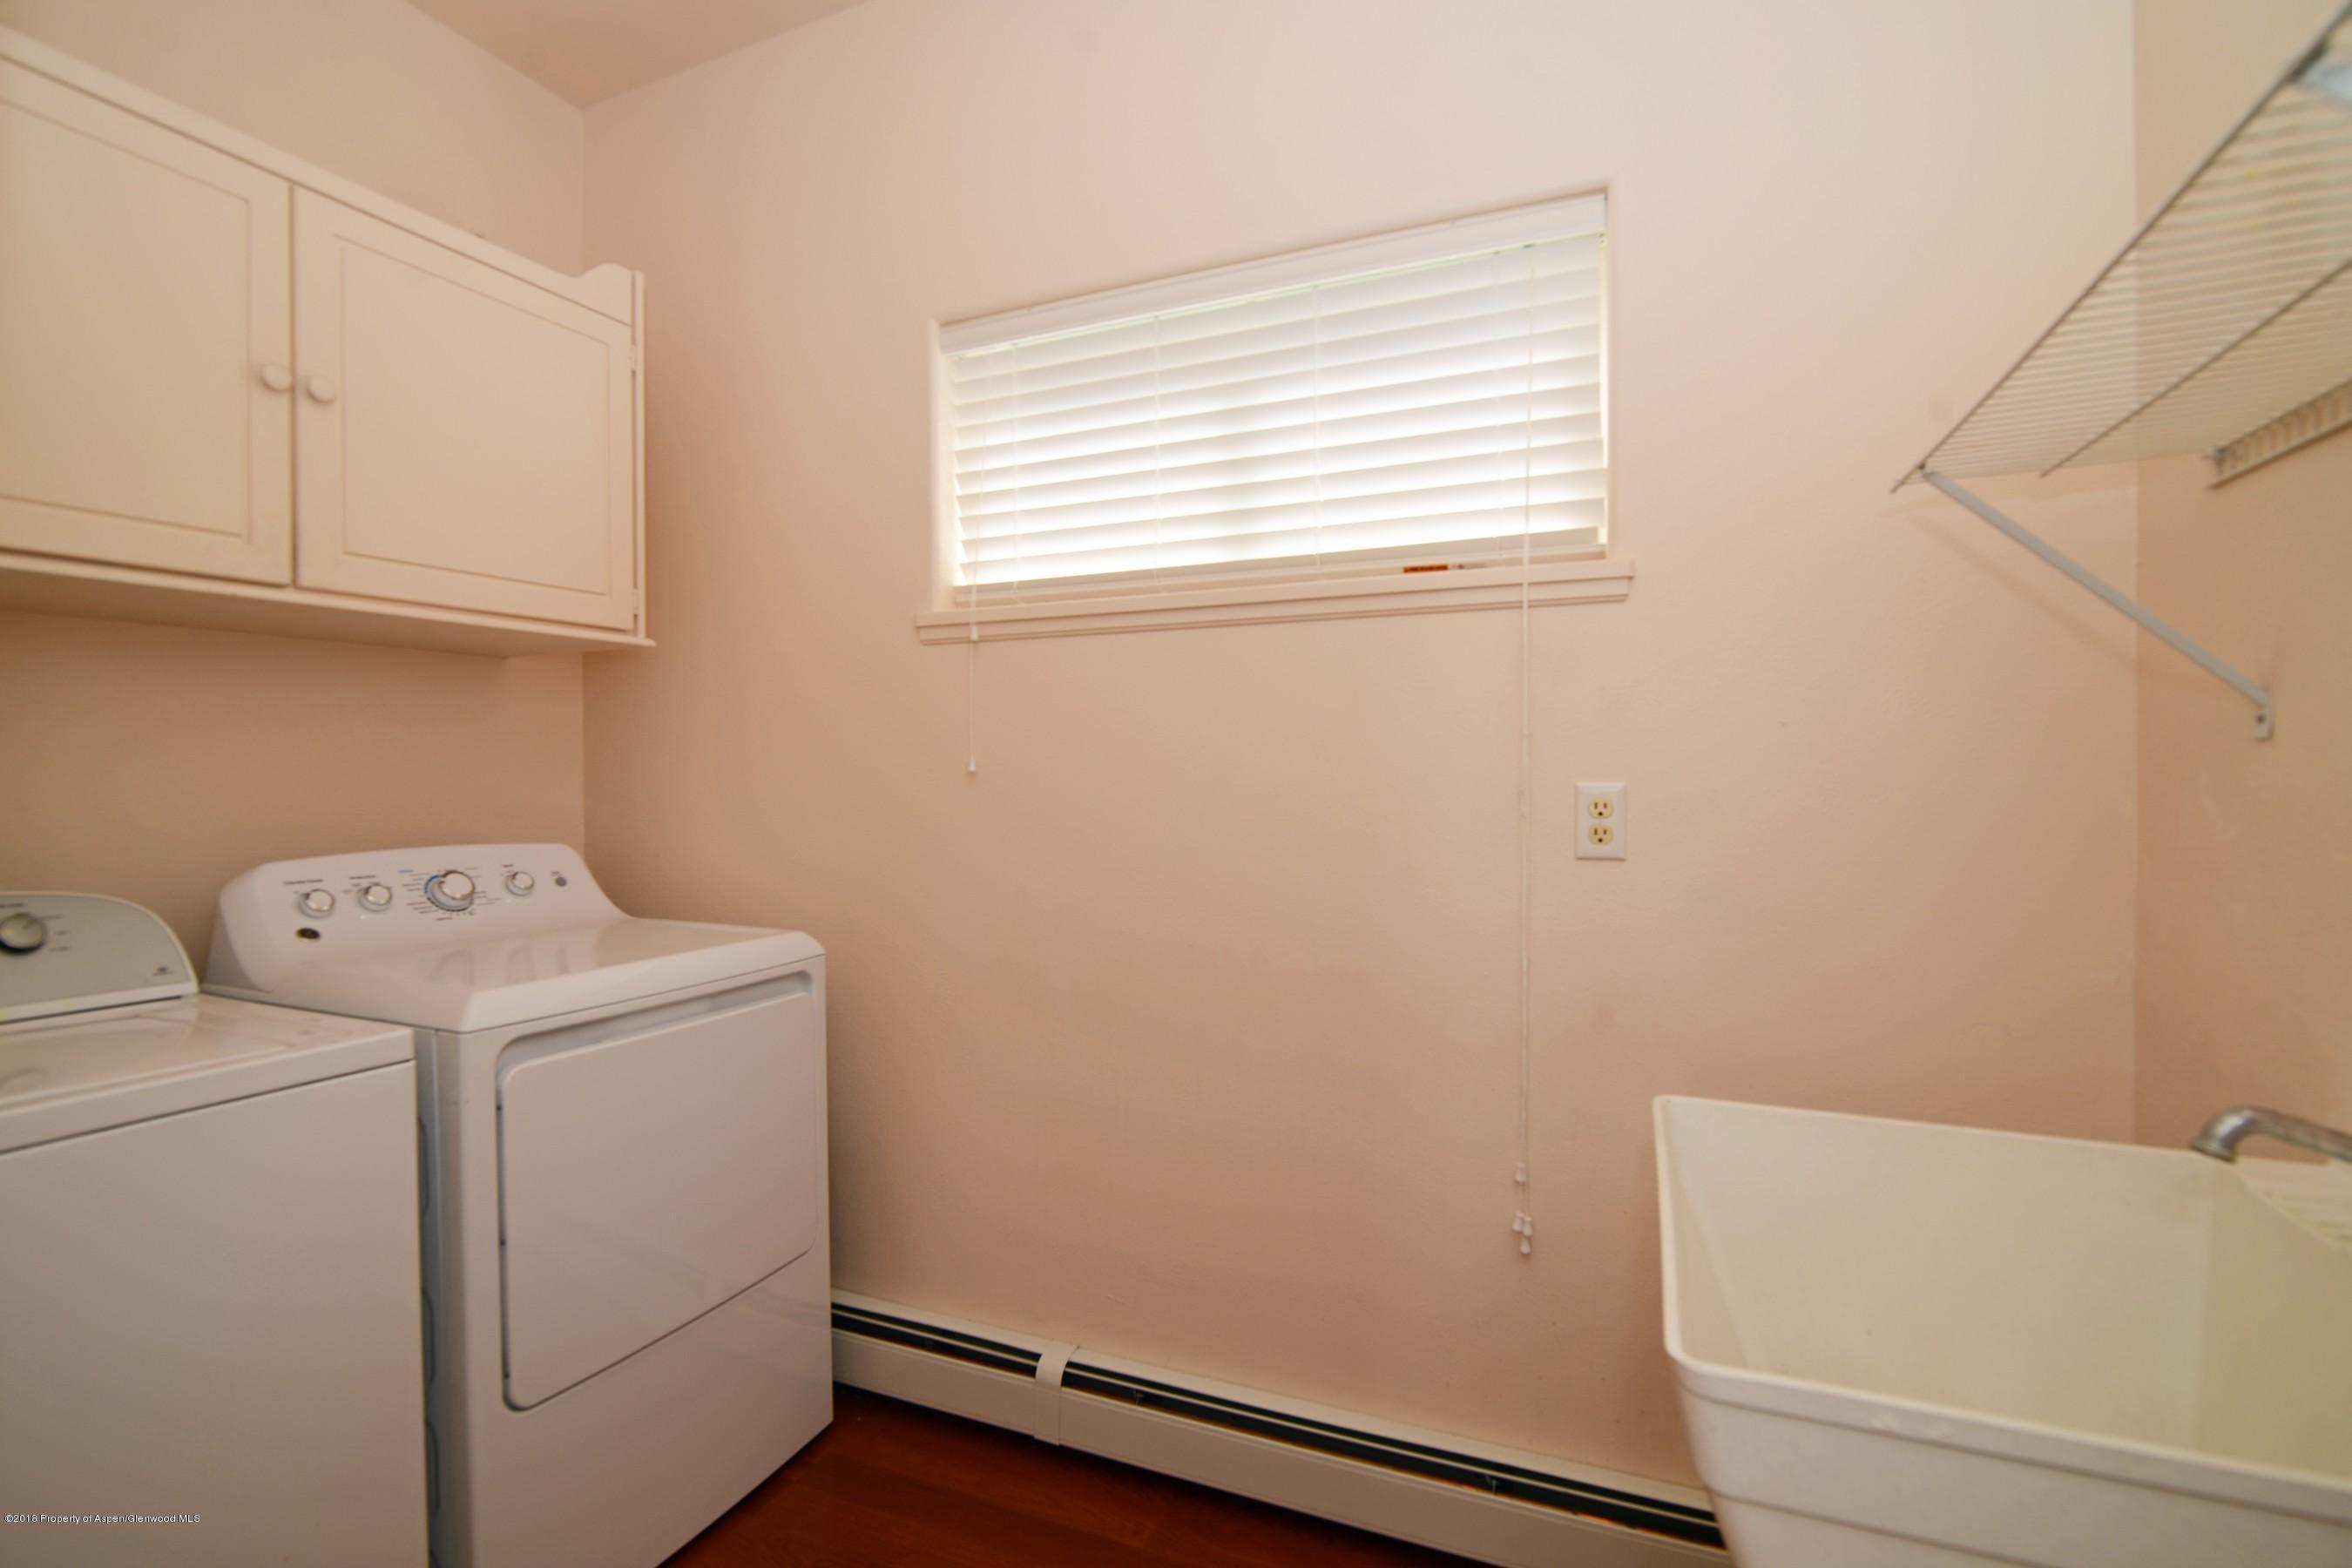 1122 Westlook Drive Glenwood Springs,Colorado 81601,3 Bedrooms Bedrooms,3 BathroomsBathrooms,Residential Sale,Westlook Drive,155406